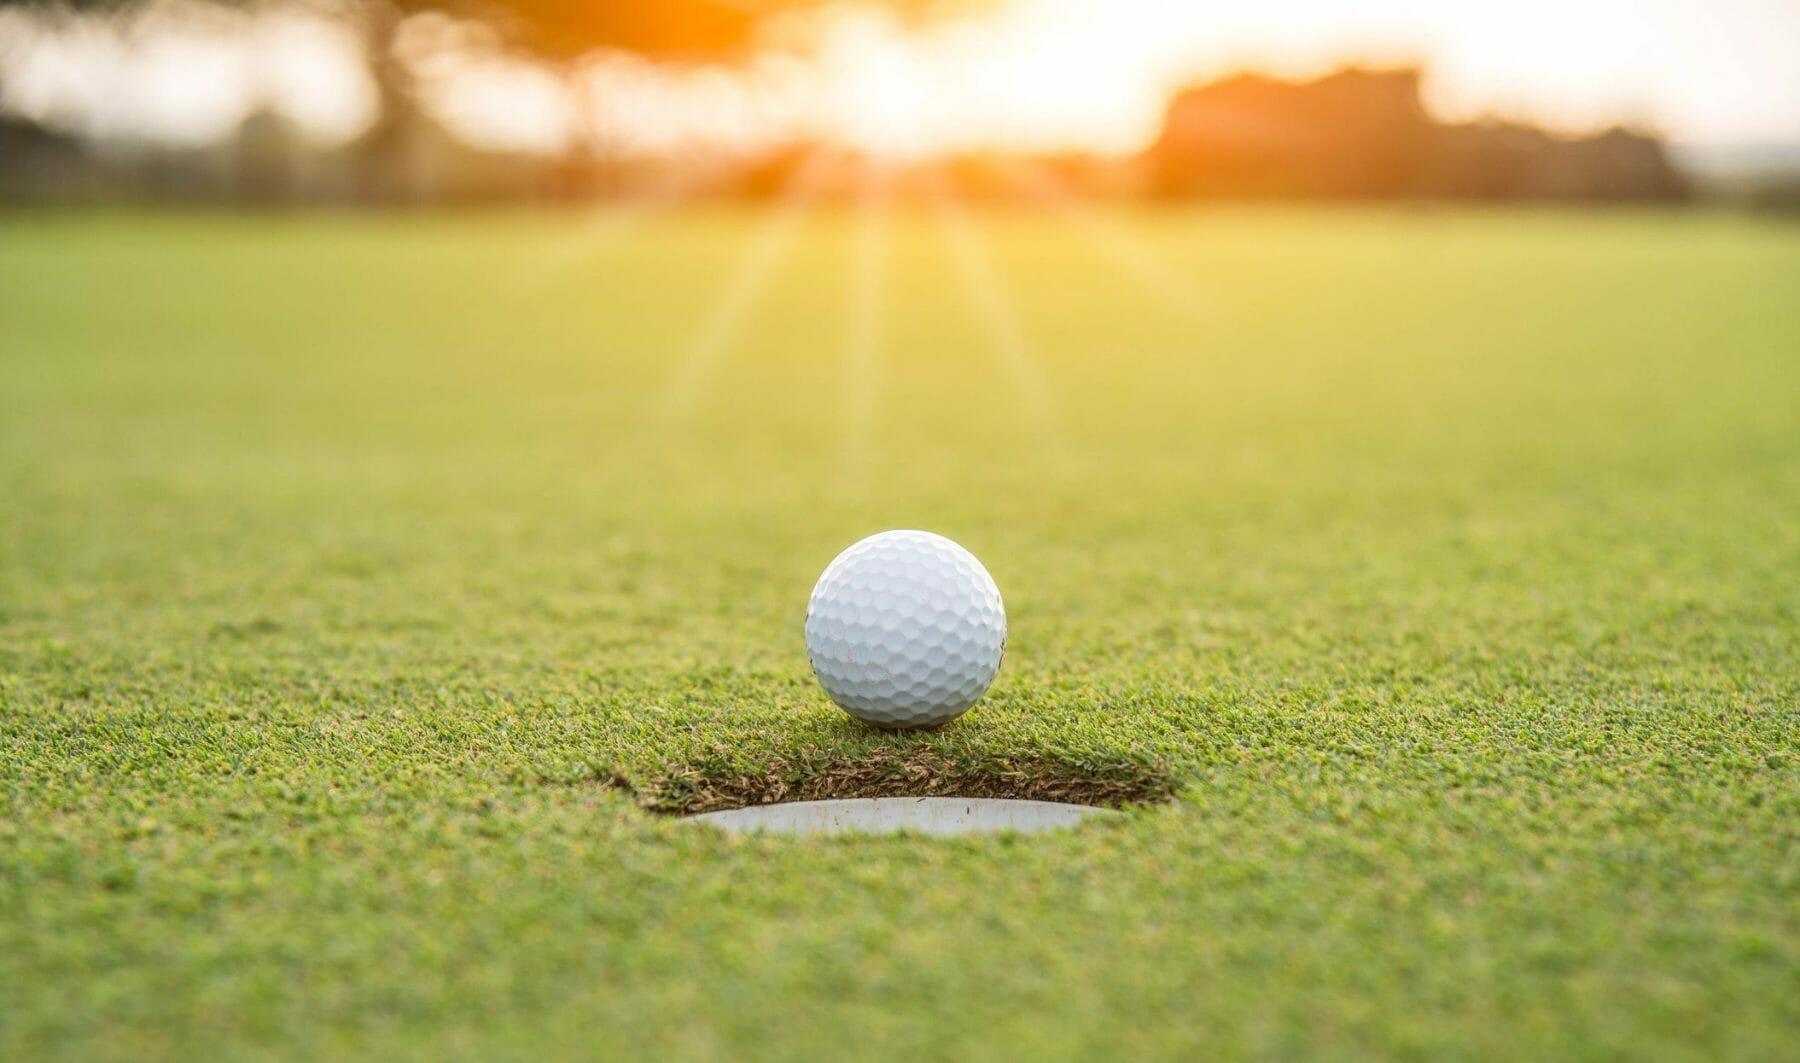 """""""ゴルフ歴1年で70台を出したビジネスマン""""が技術よりも重視したマネジメント法とは?"""